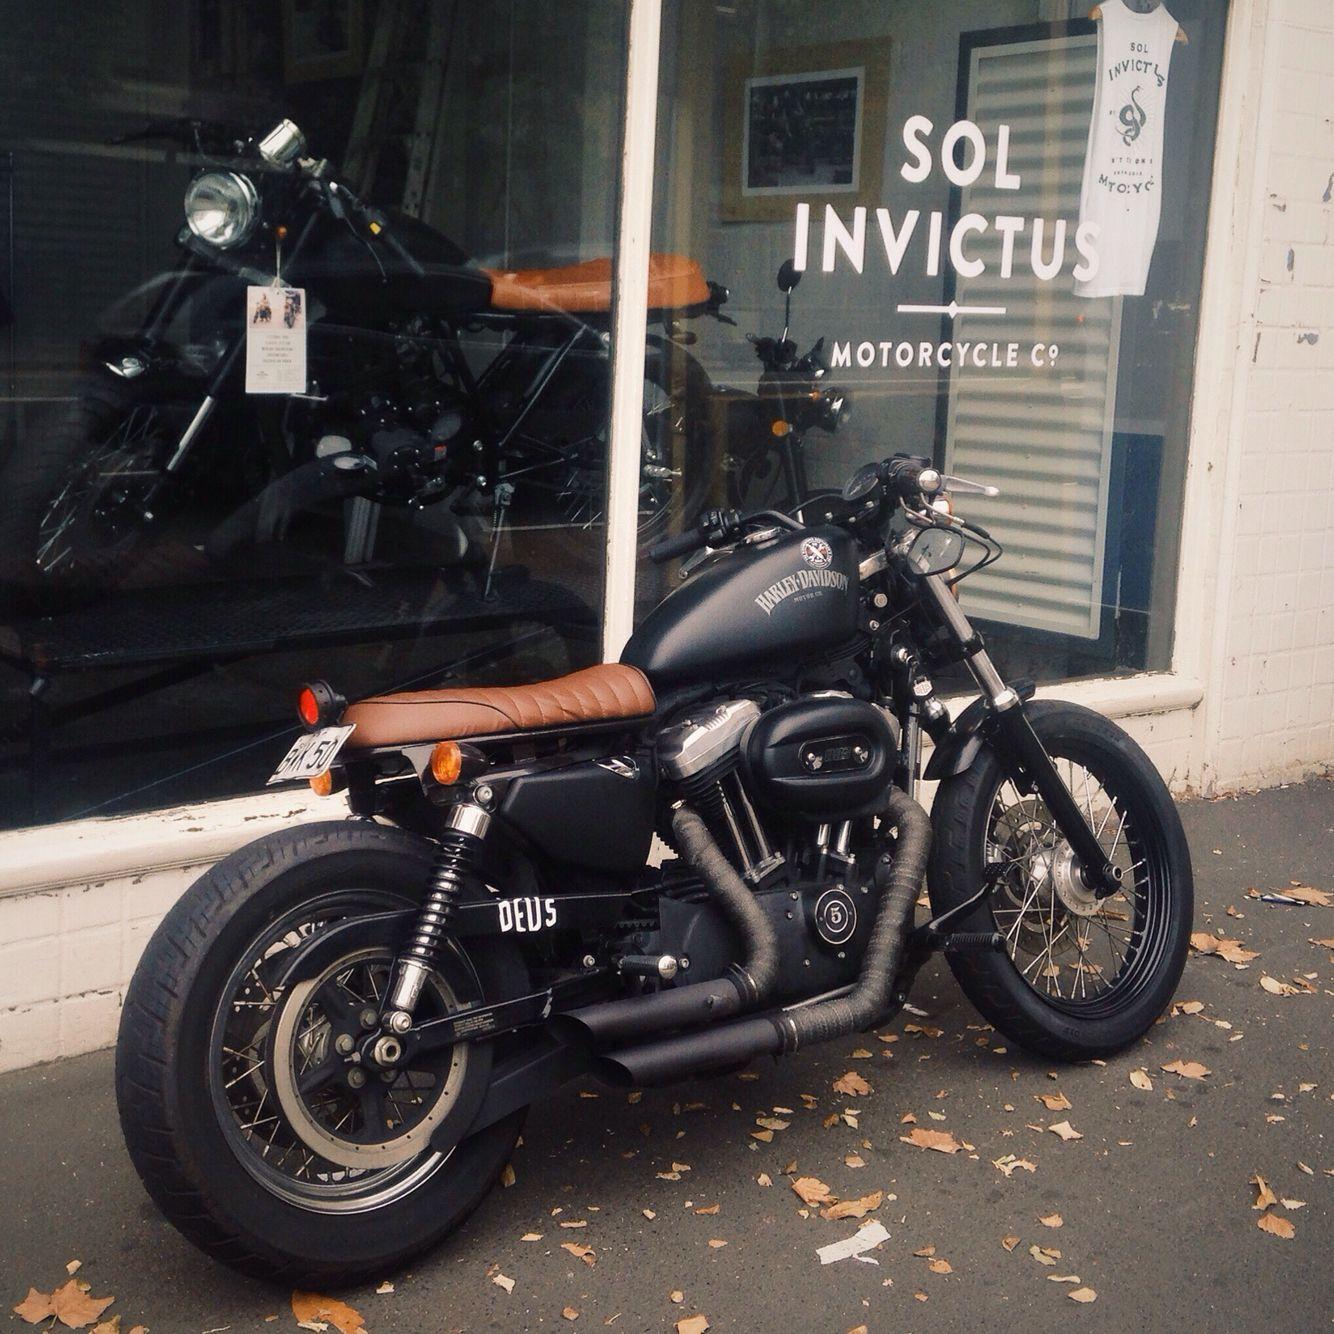 Harley Davidson Brat Caferacer Cafe Racer Motorbike